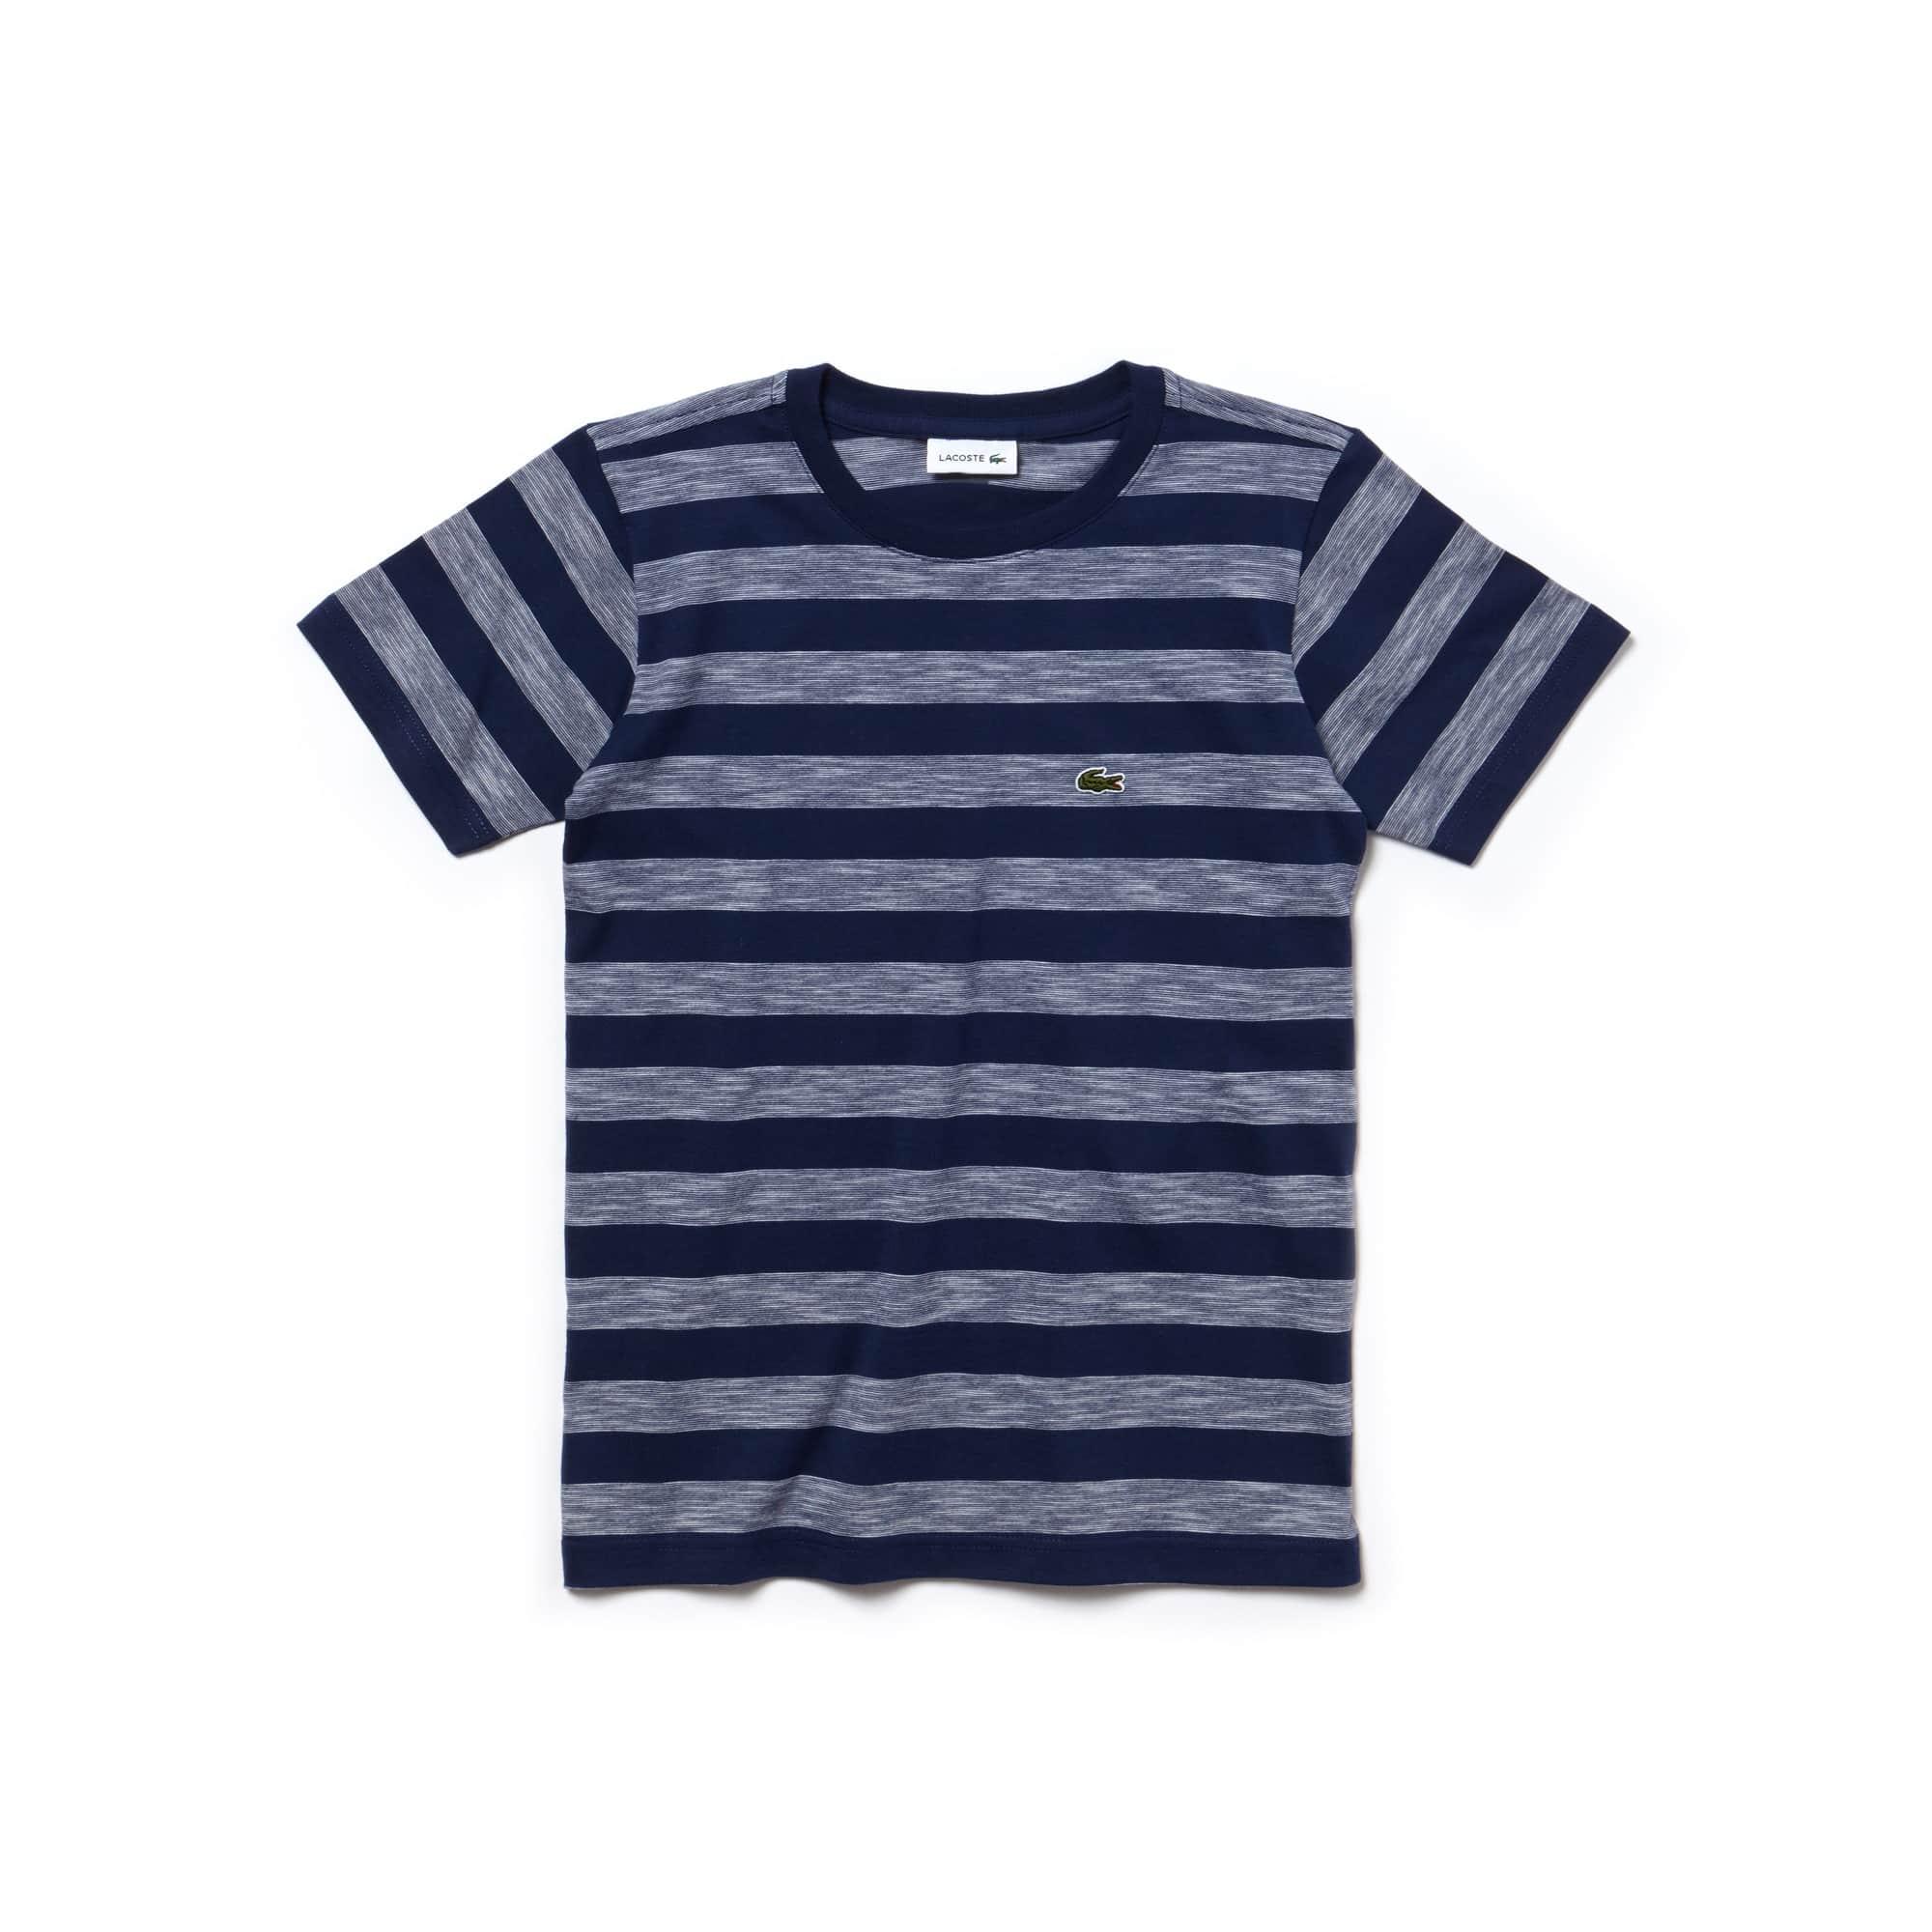 T-shirt Garçon col rond en jersey de coton à rayures